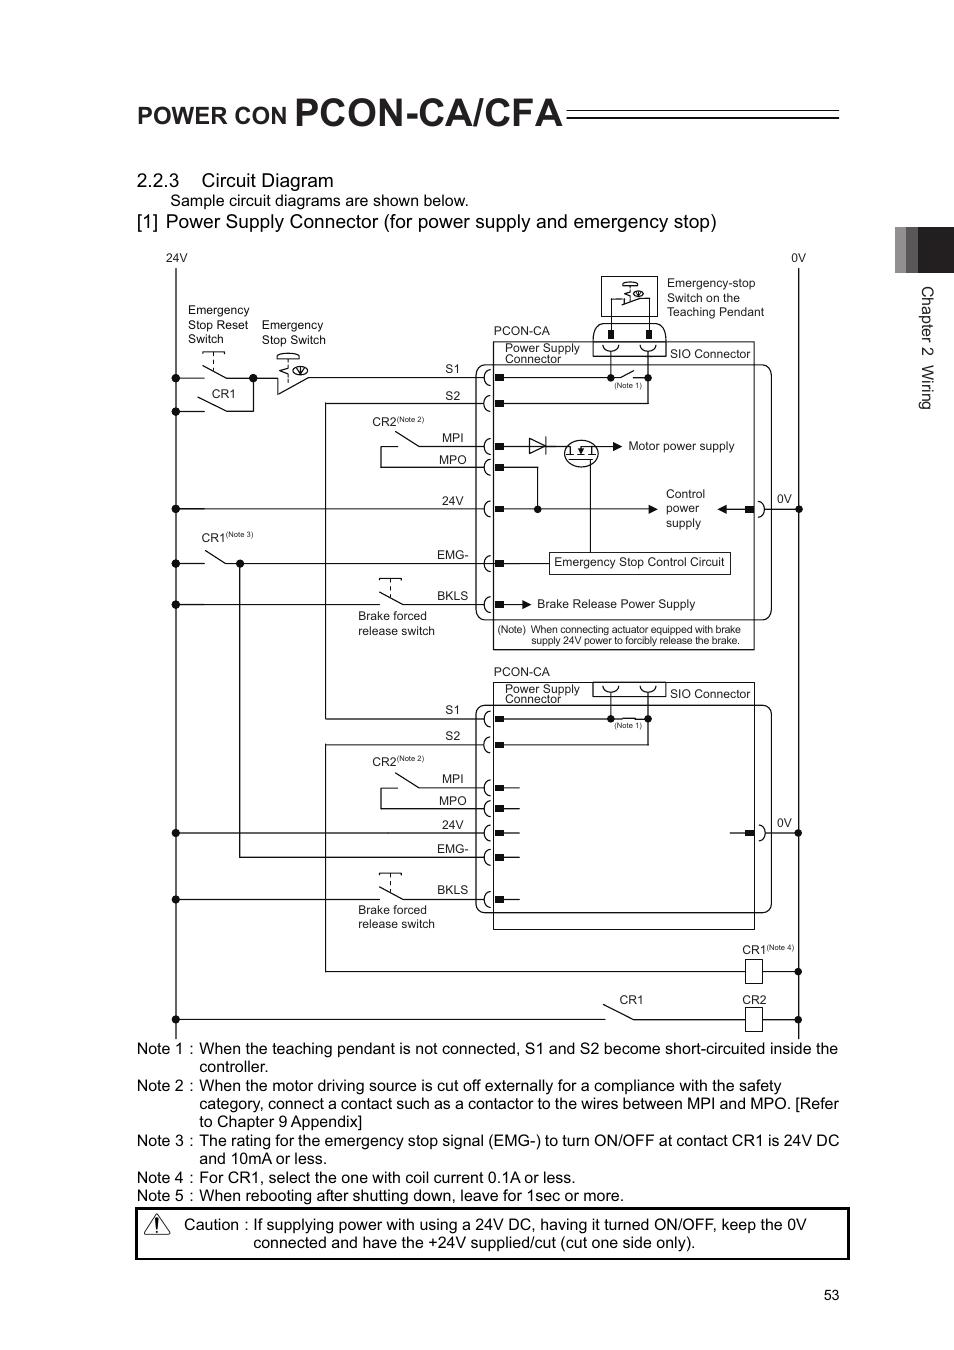 medium resolution of pcon ca cfa power con 3 circuit diagram iai america pcon ca user manual page 61 296